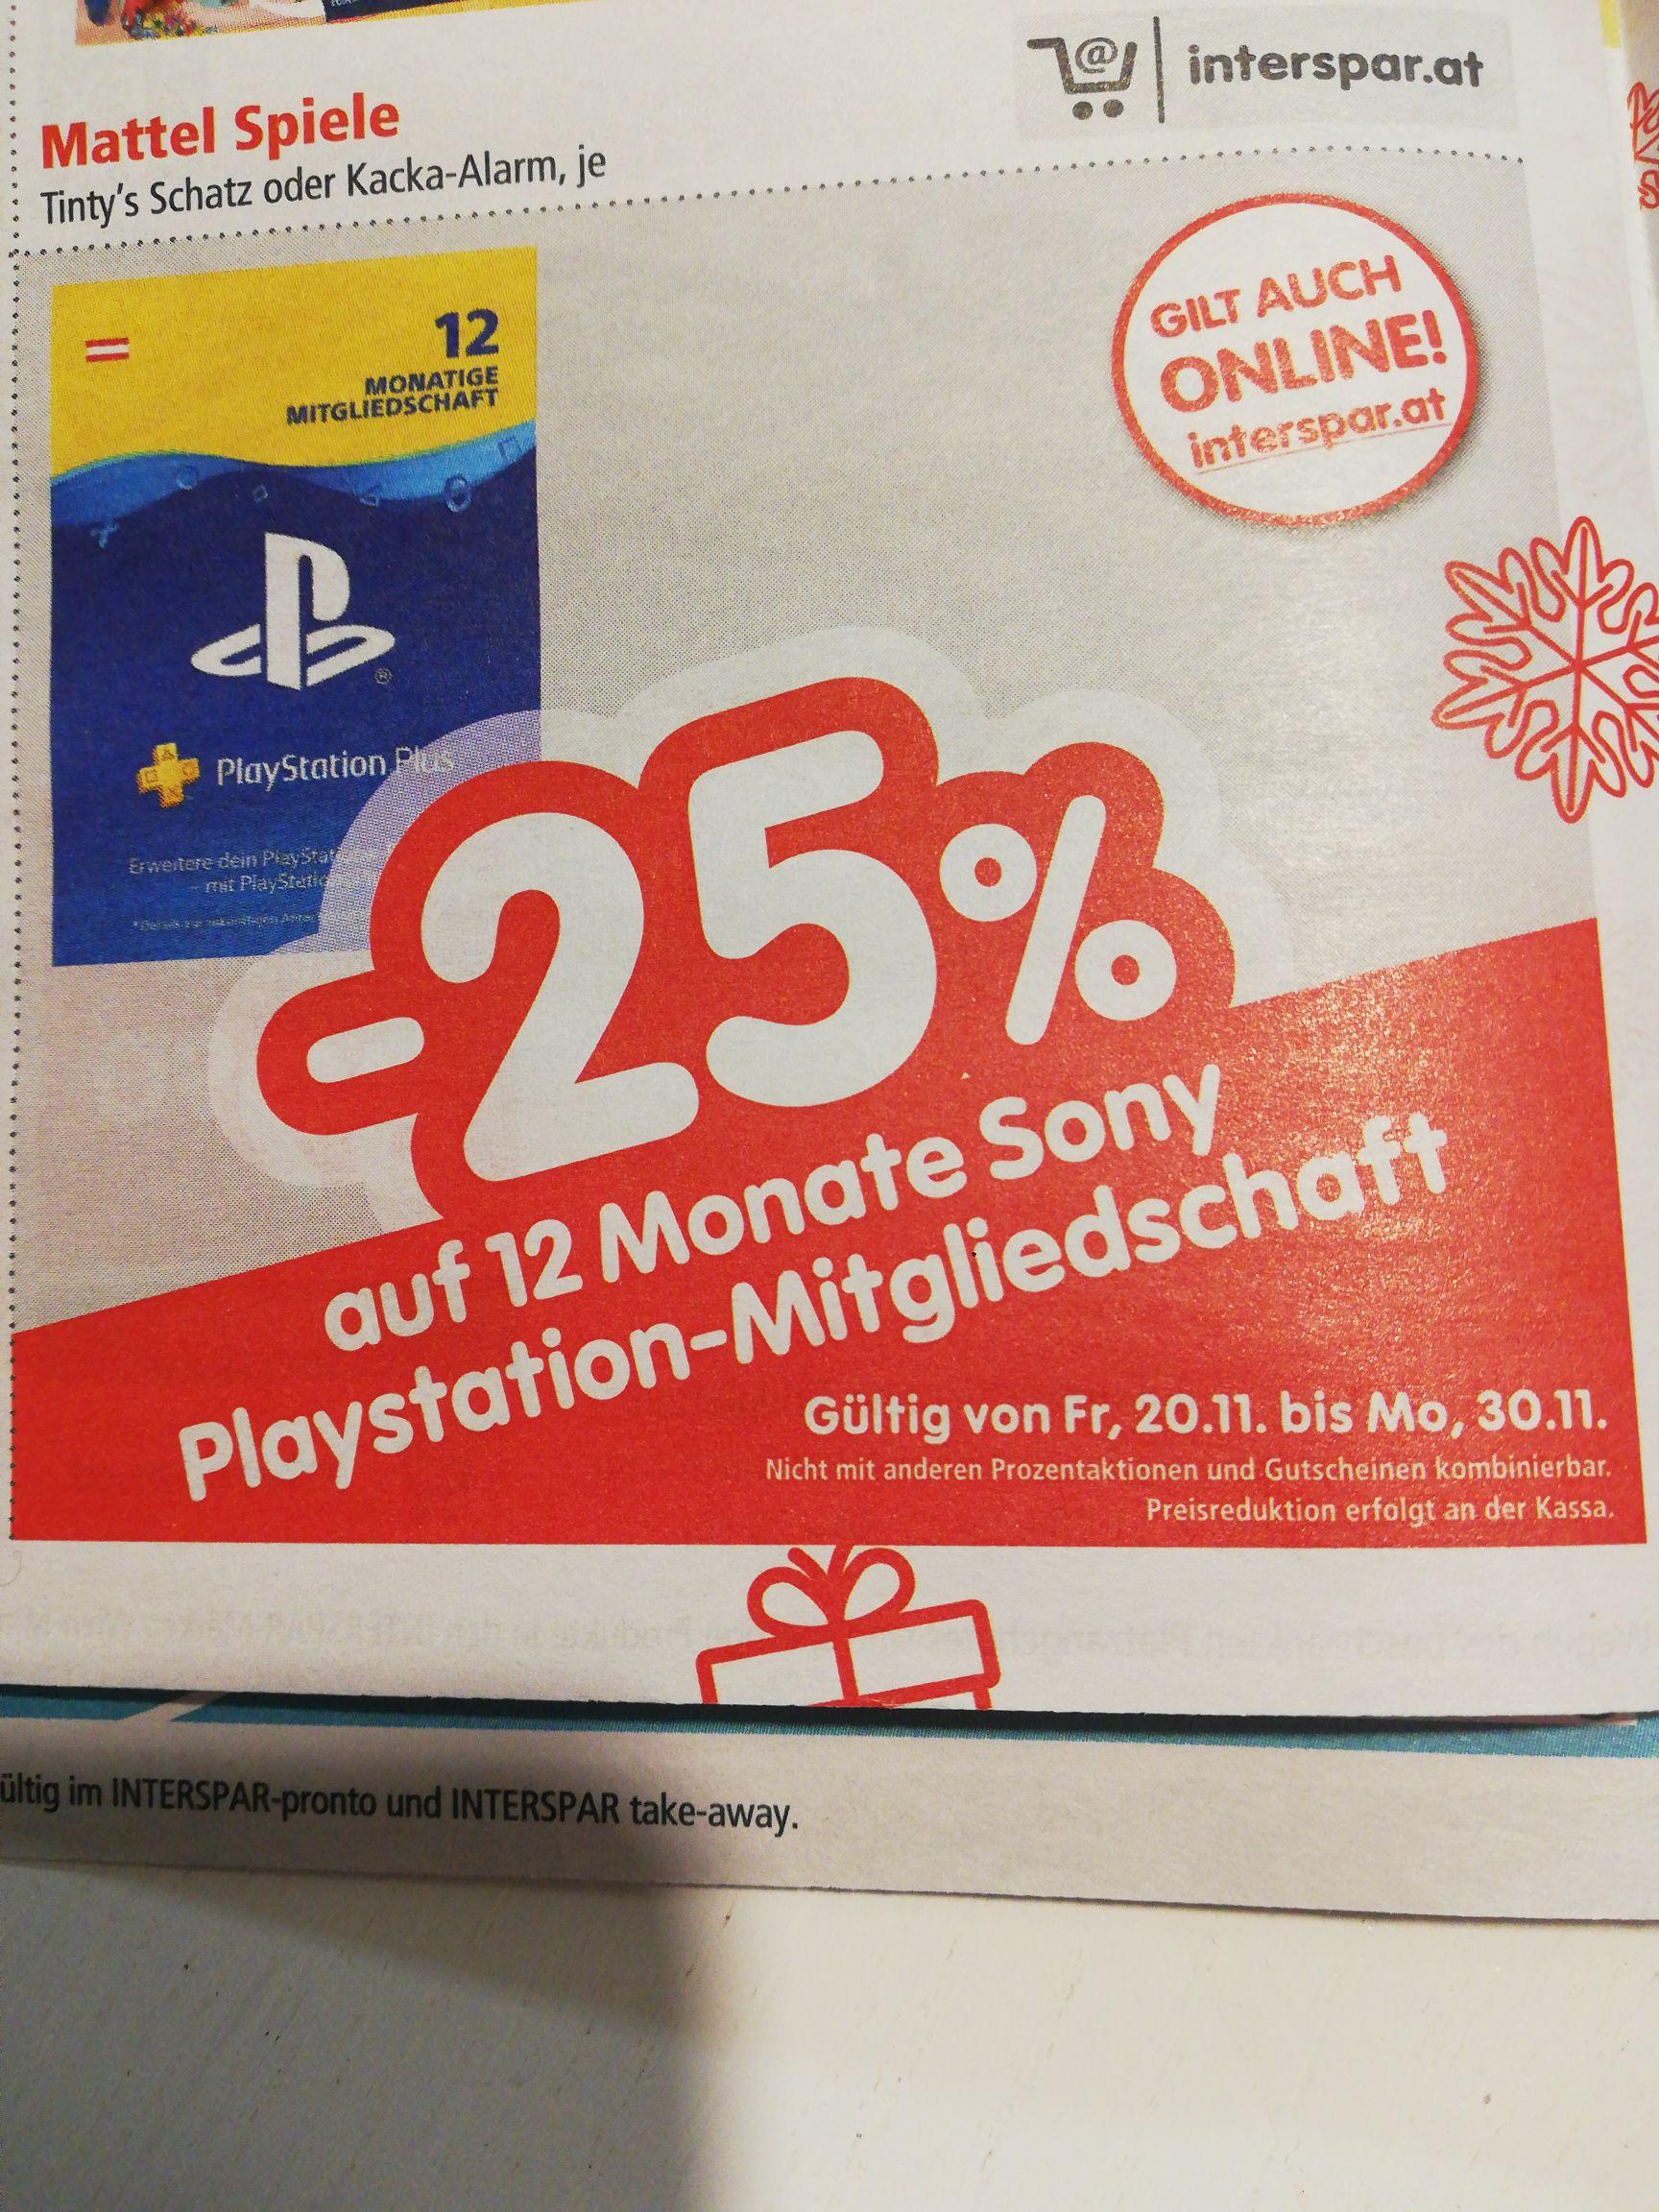 PlayStation-Mitgiedschaft -25%